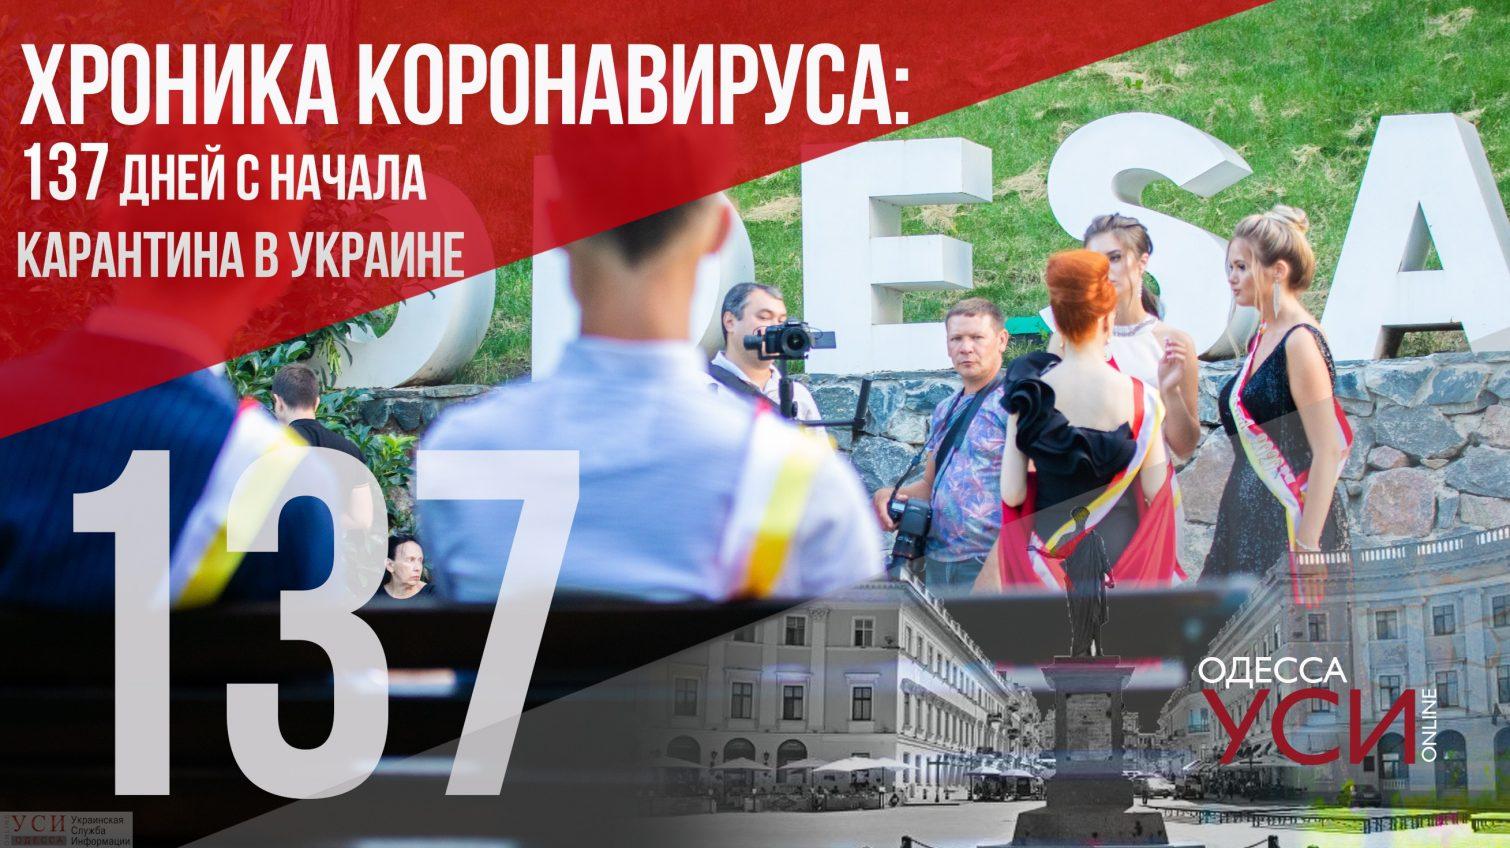 Хроника коронавируса: 137 день с начала карантина в Украине ОБНОВЛЯЕТСЯ «фото»